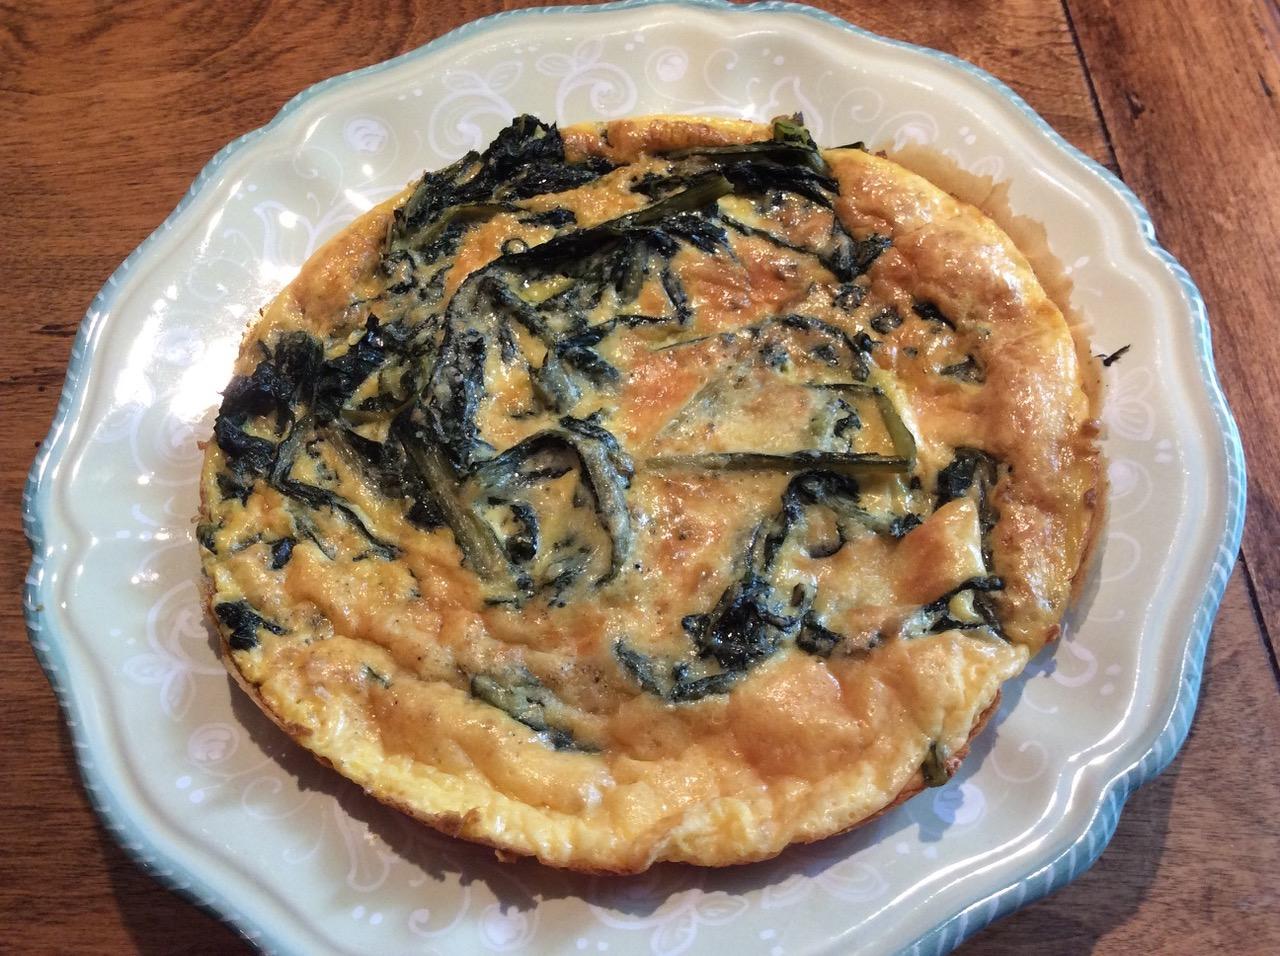 dandelion omelet plated**